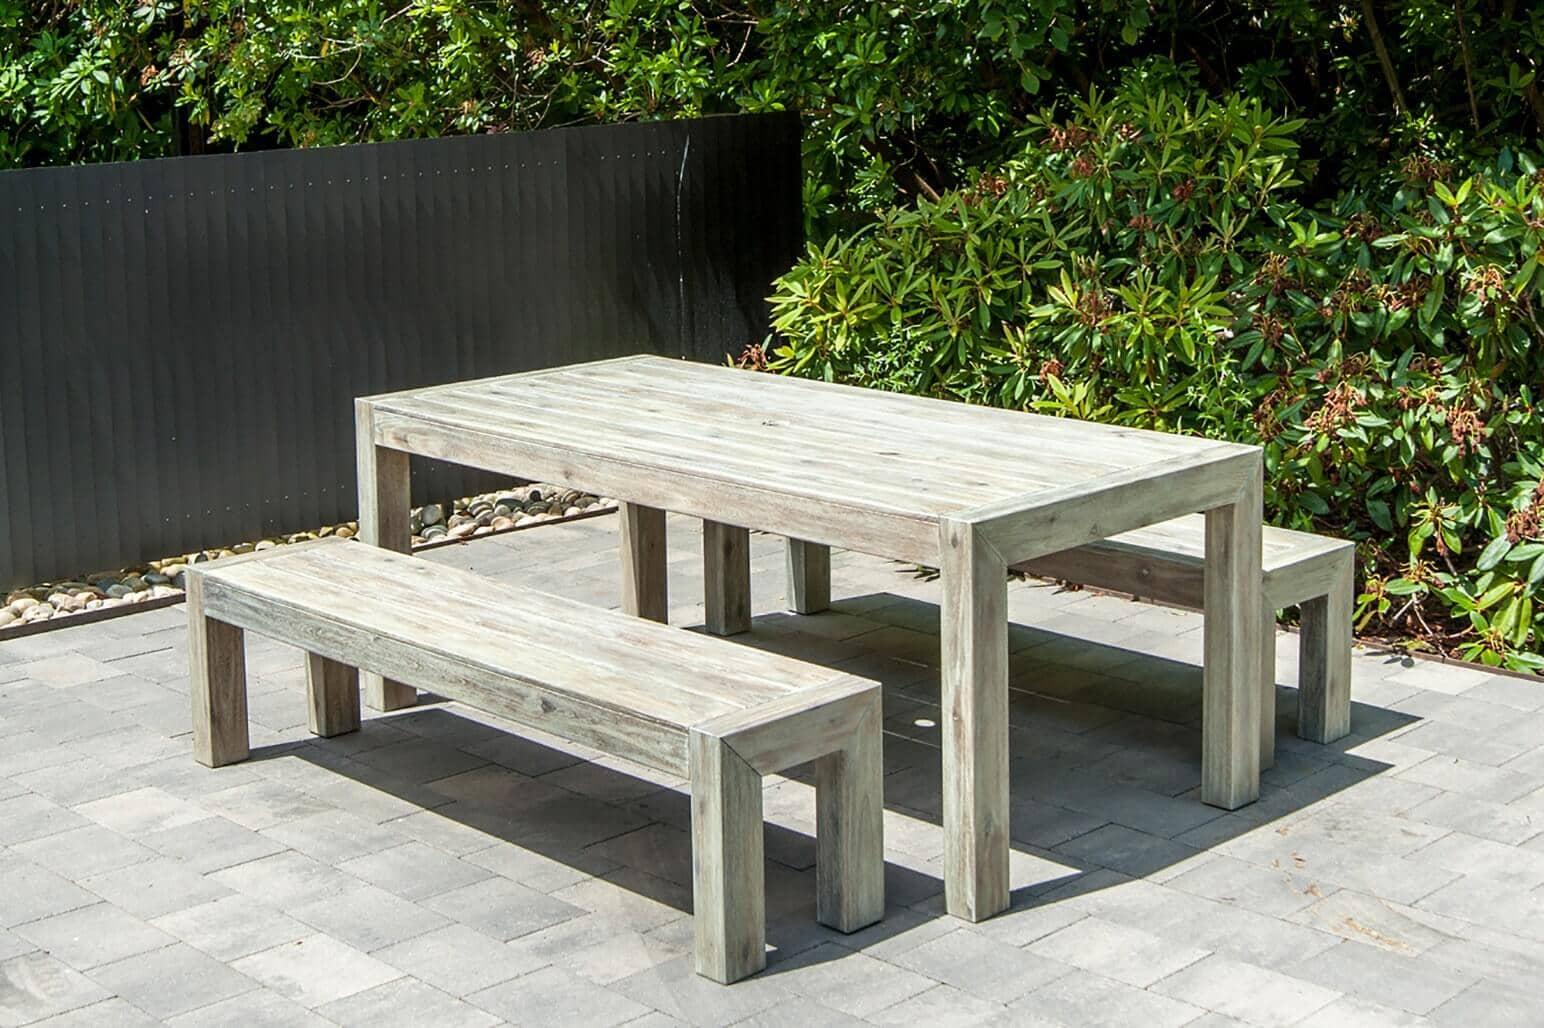 Holz Sitzgruppe Rustikal 6 Personen Akazie